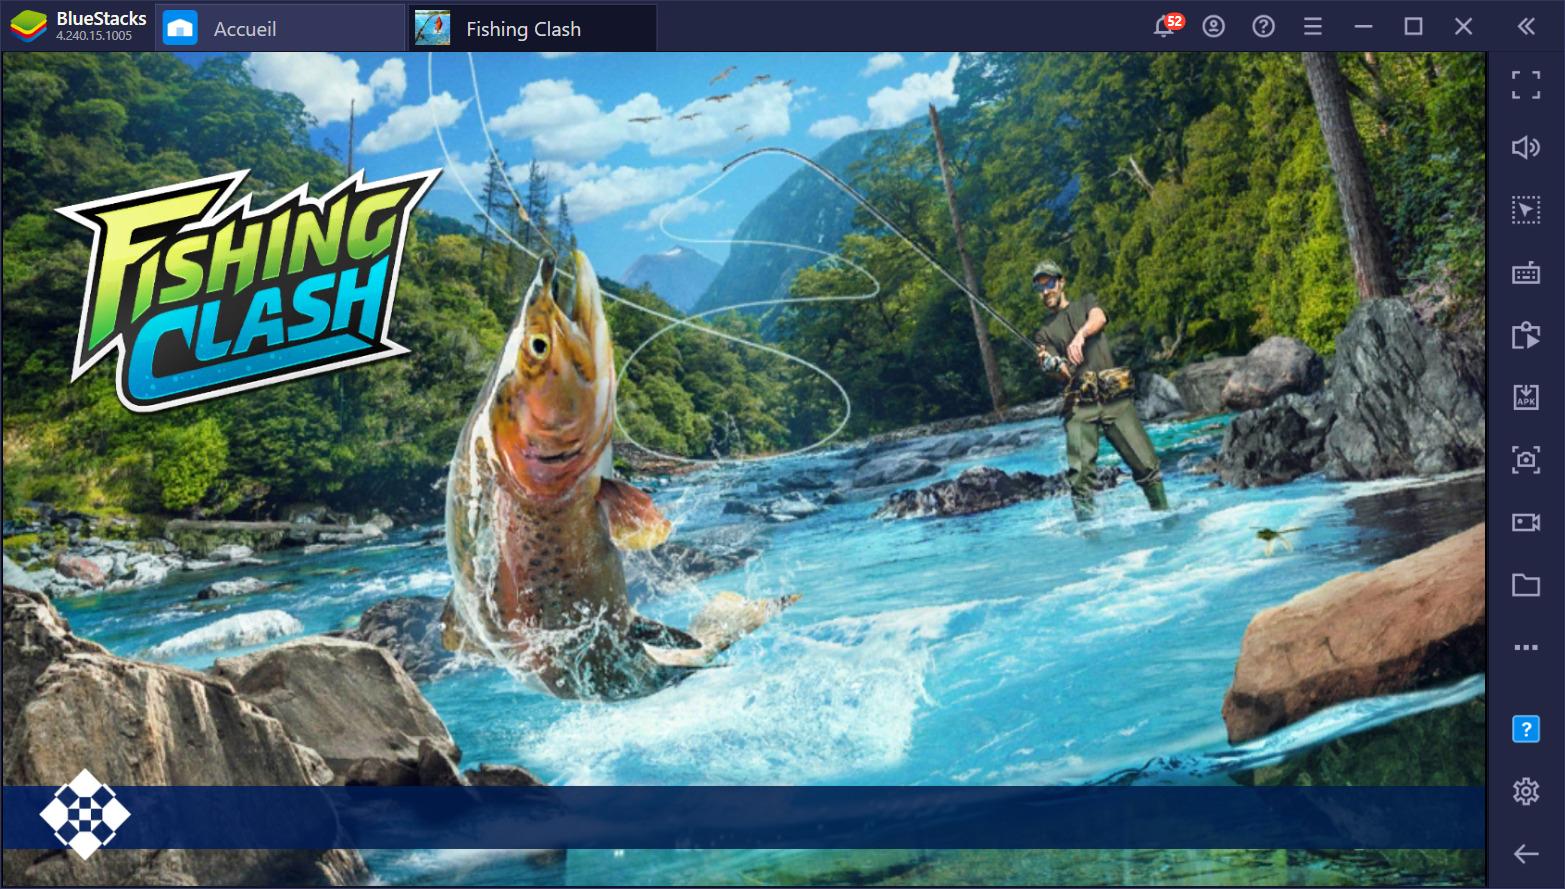 Apprenez à attraper des poissons sur BlueStacks dans Fishing Clash